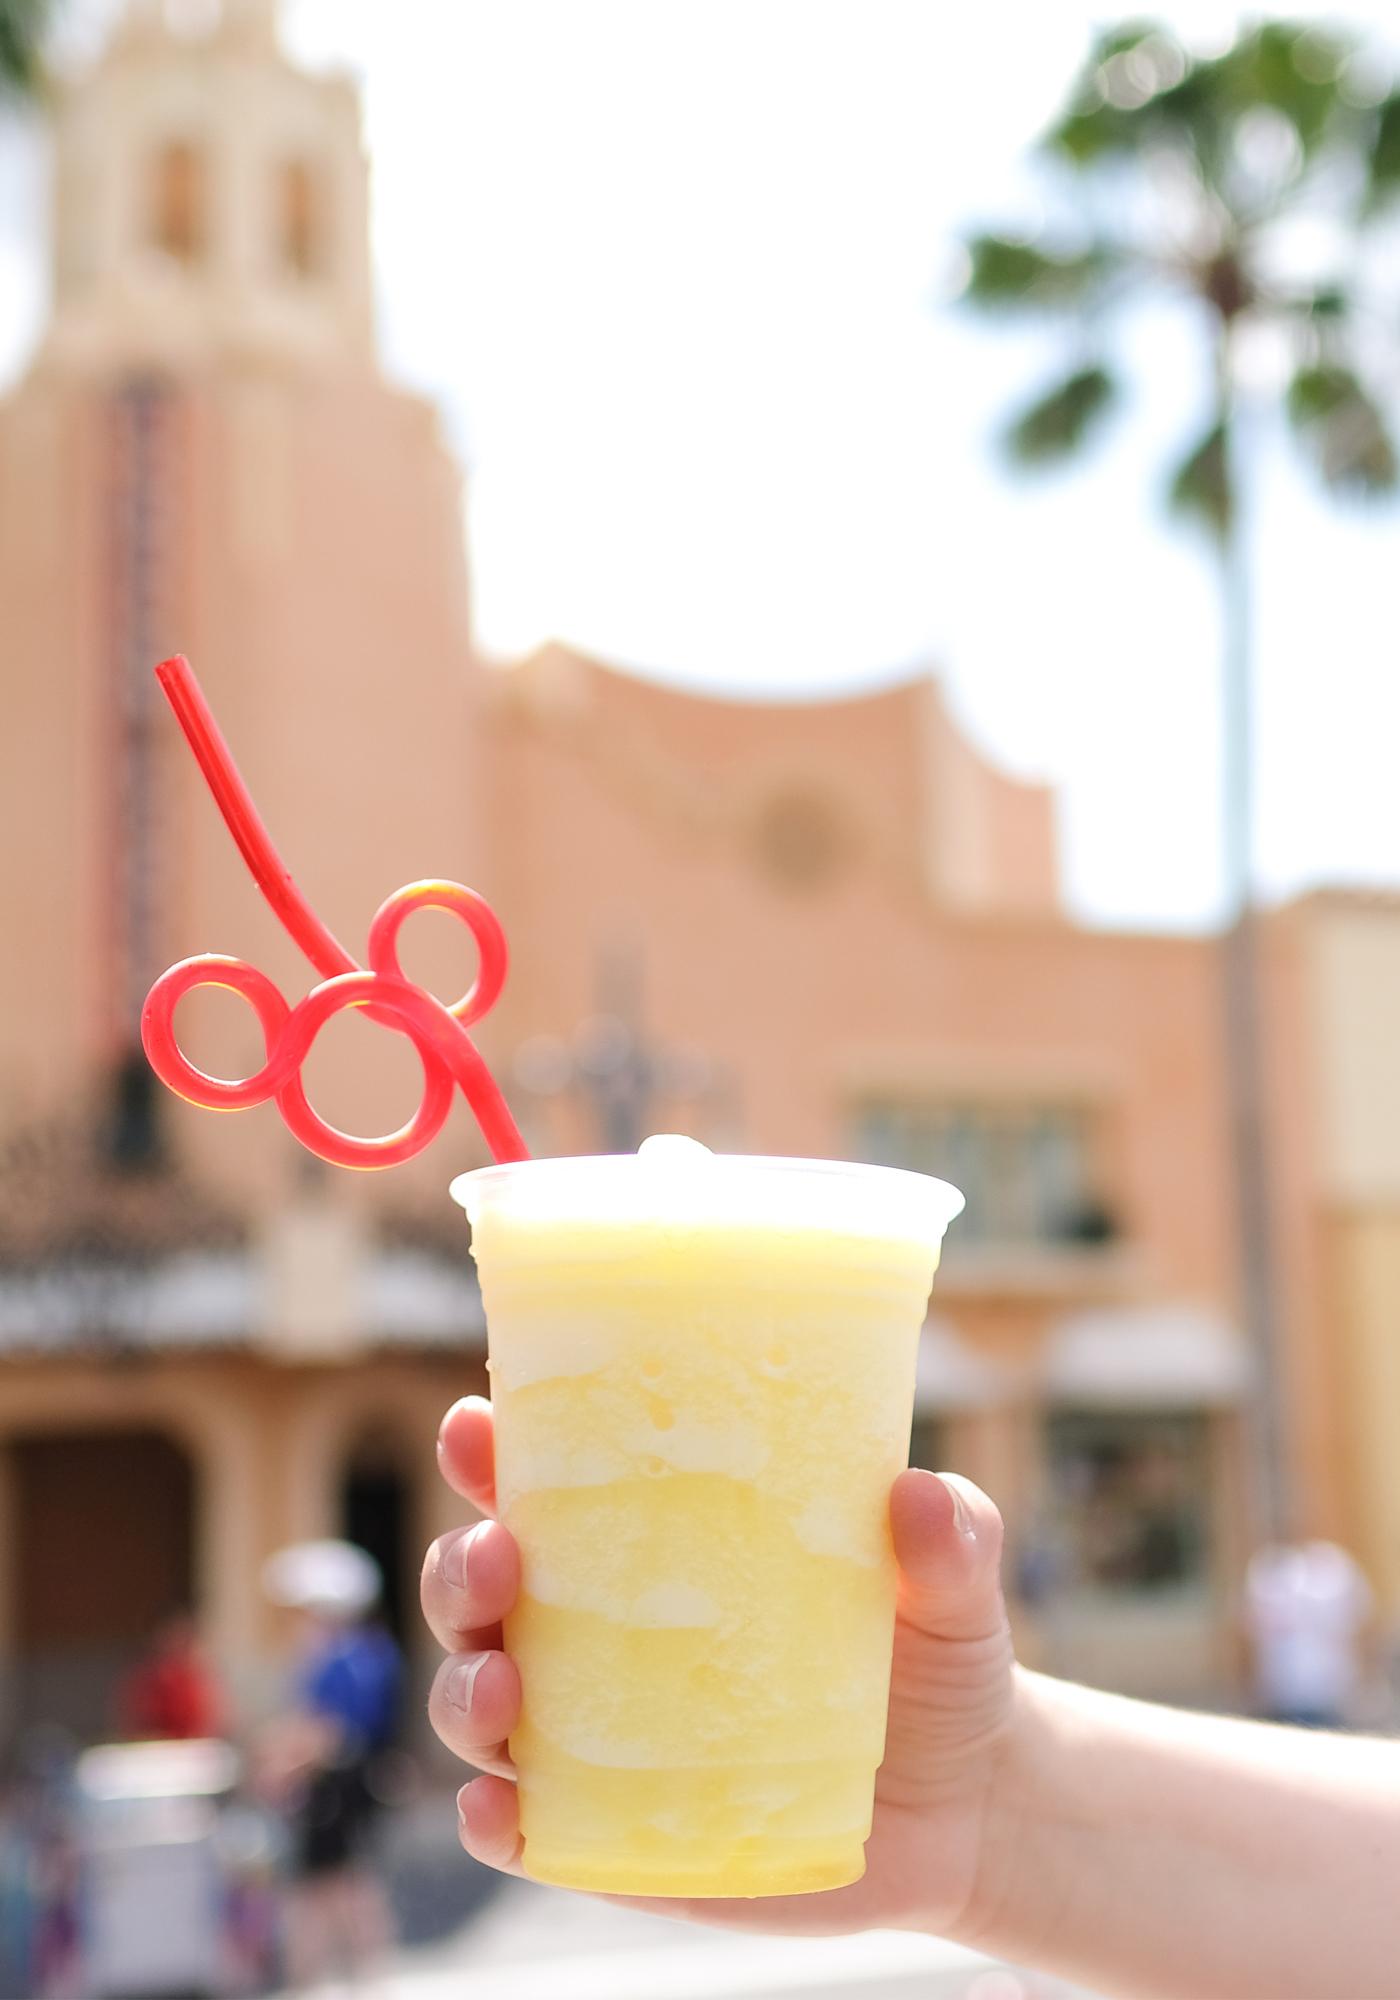 Disney Snack Frozen Lemonade